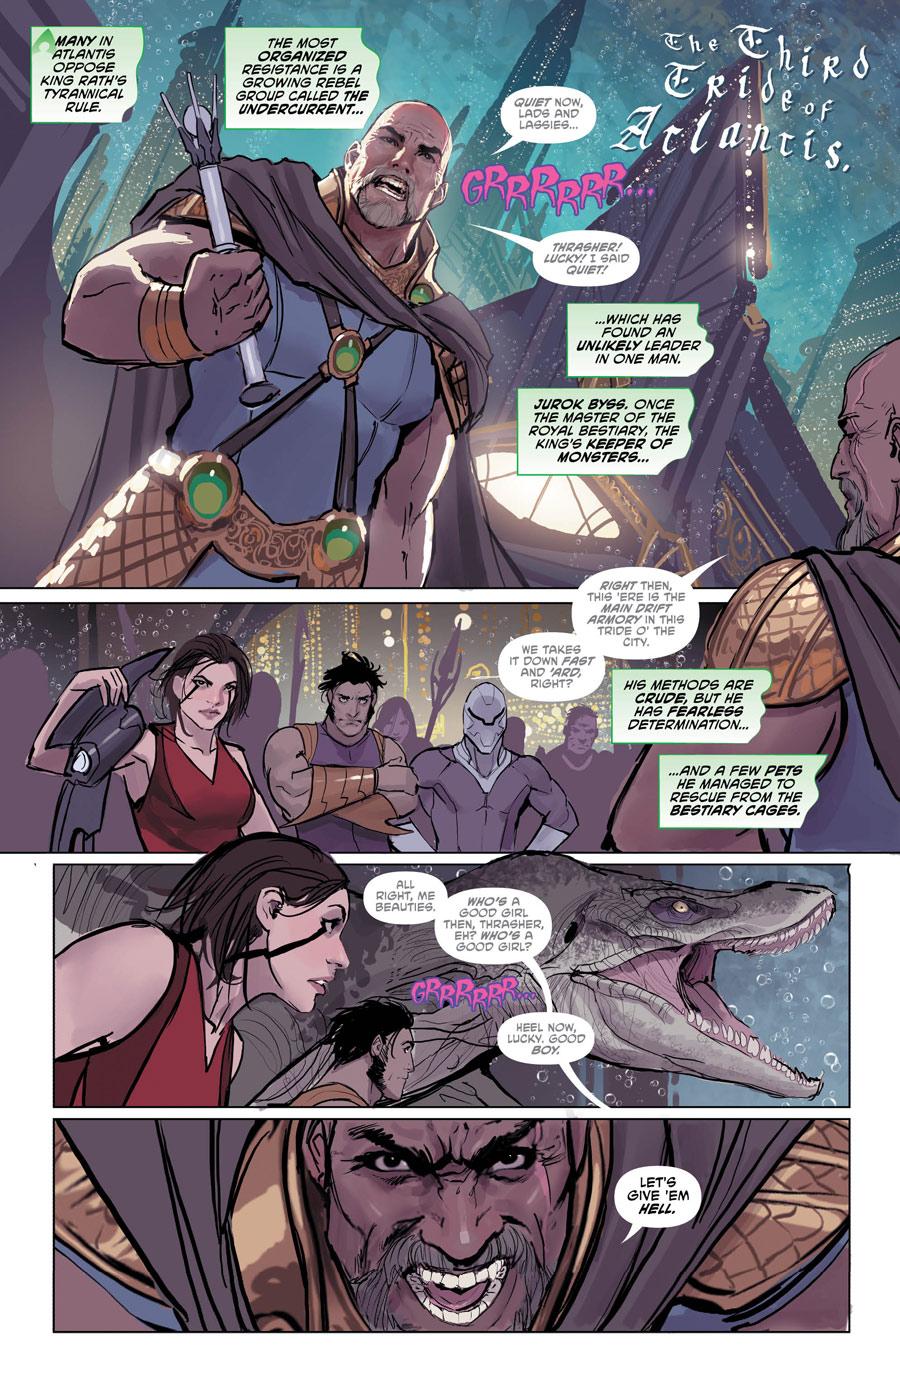 Aquaman 30 1 - DC Comics News